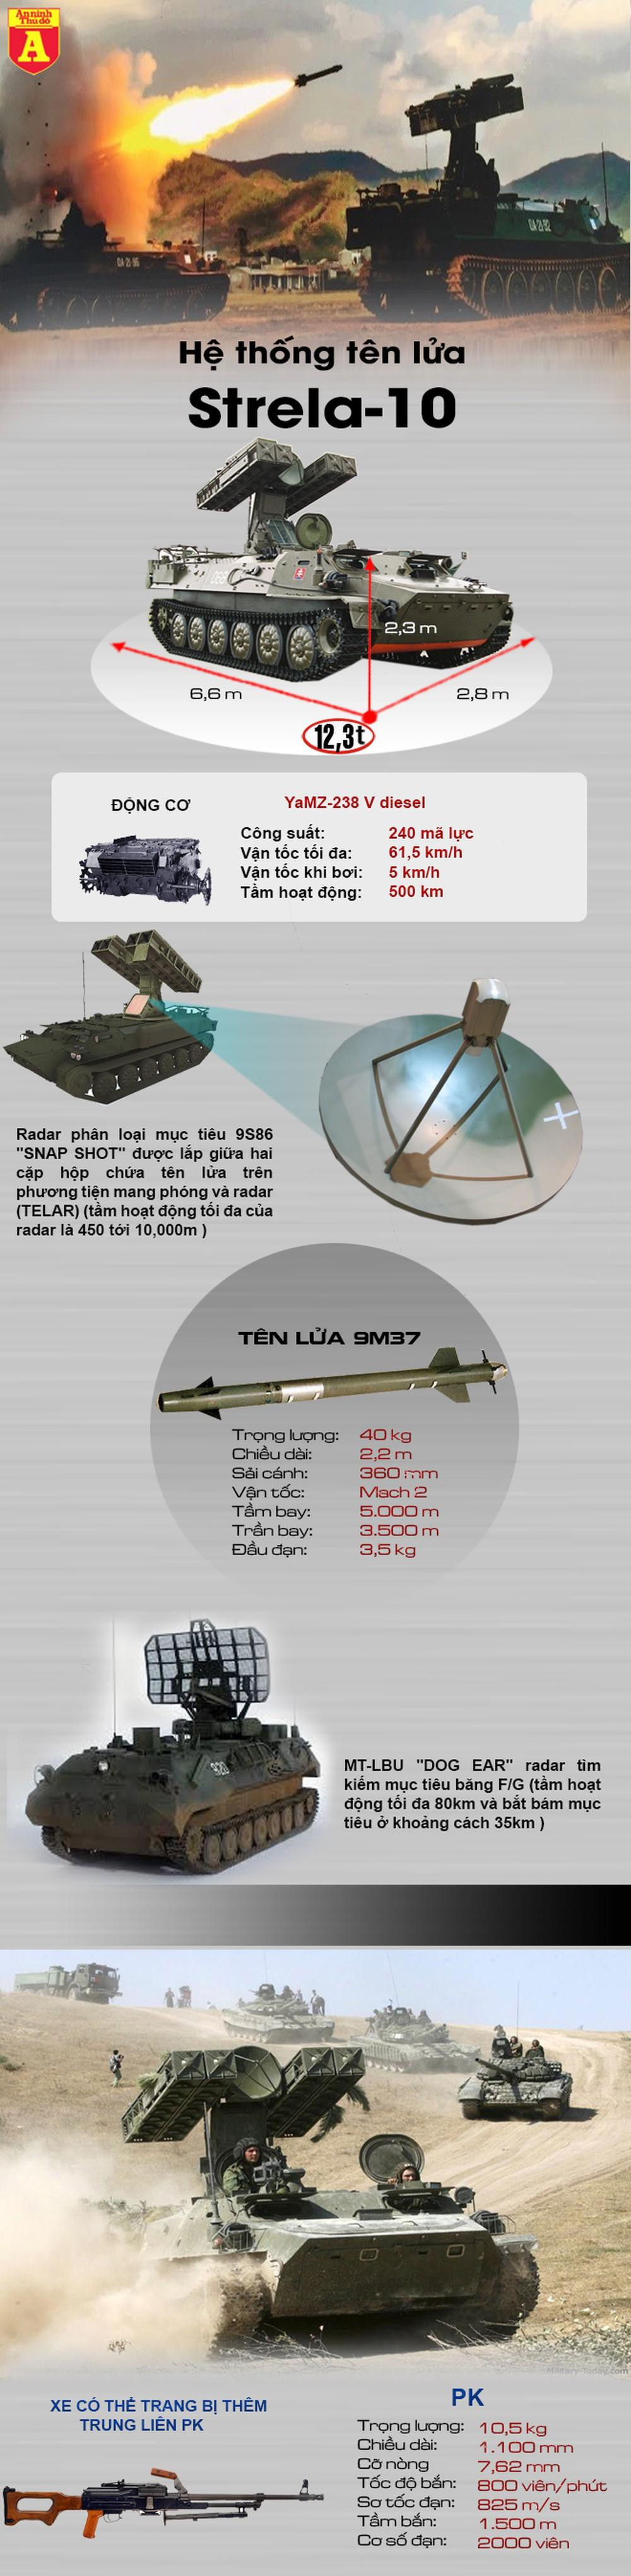 [Infographics] UCAV hiện đại Trung Quốc gục ngã hàng loạt trước vũ khí cũ kỹ thời Liên Xô  - Ảnh 1